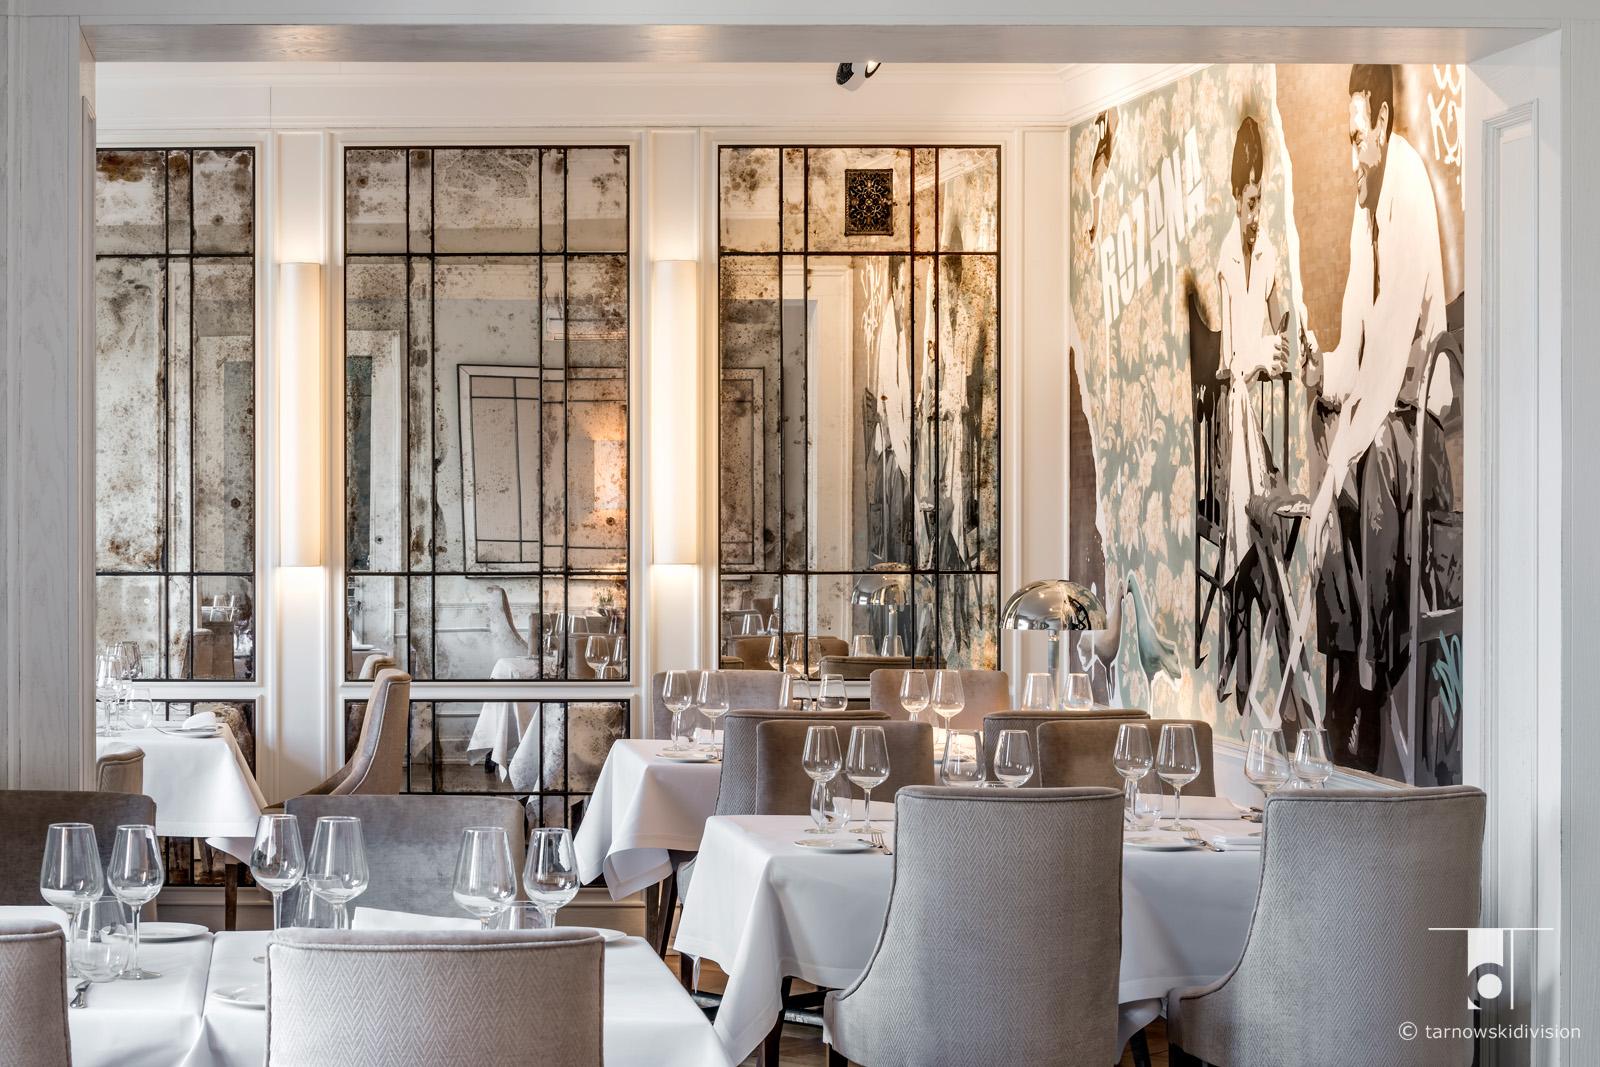 wnętrze restauracji polskiej Różana restauracja projekt wnętrz restaurant interior design_tarnowskidivision